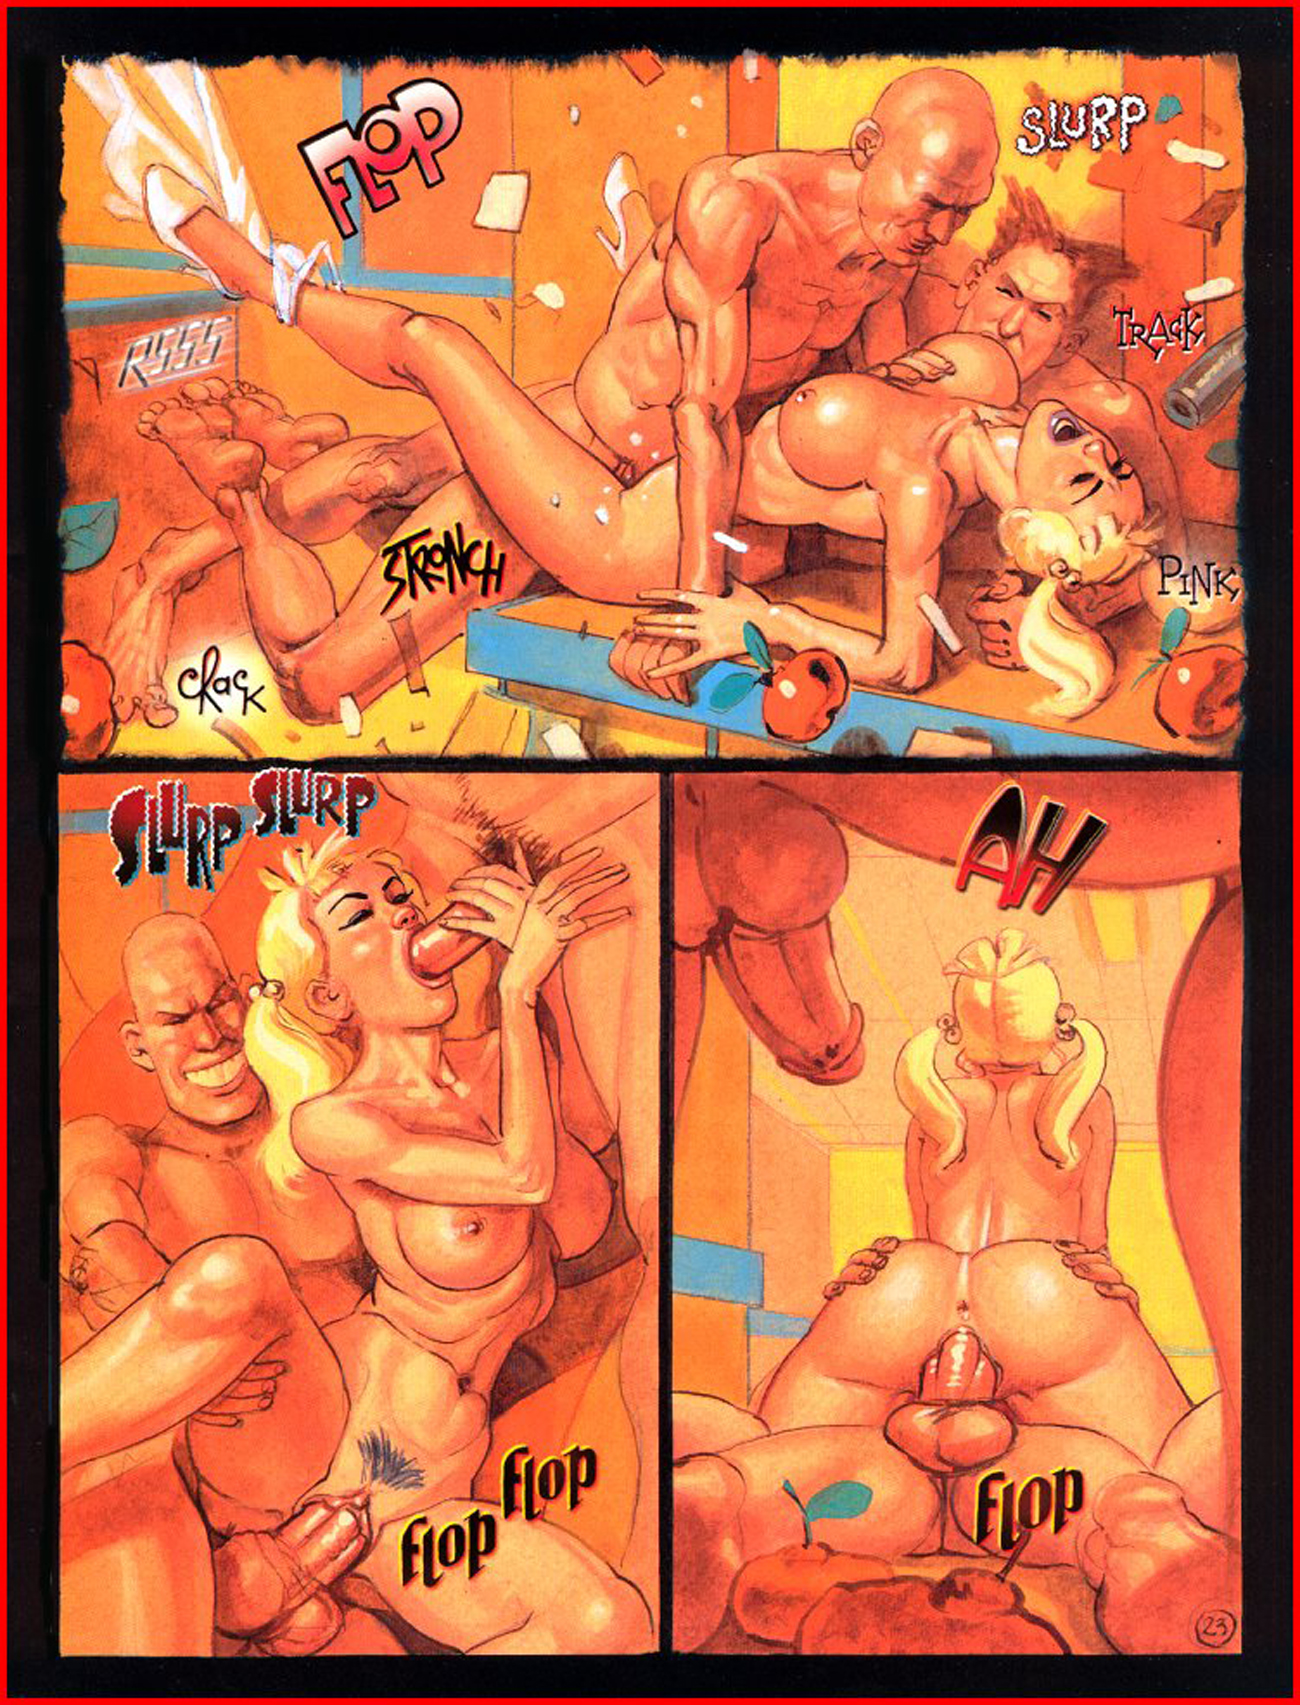 seks-podsmotrennoe-v-obshestvennih-mestah-yaponii